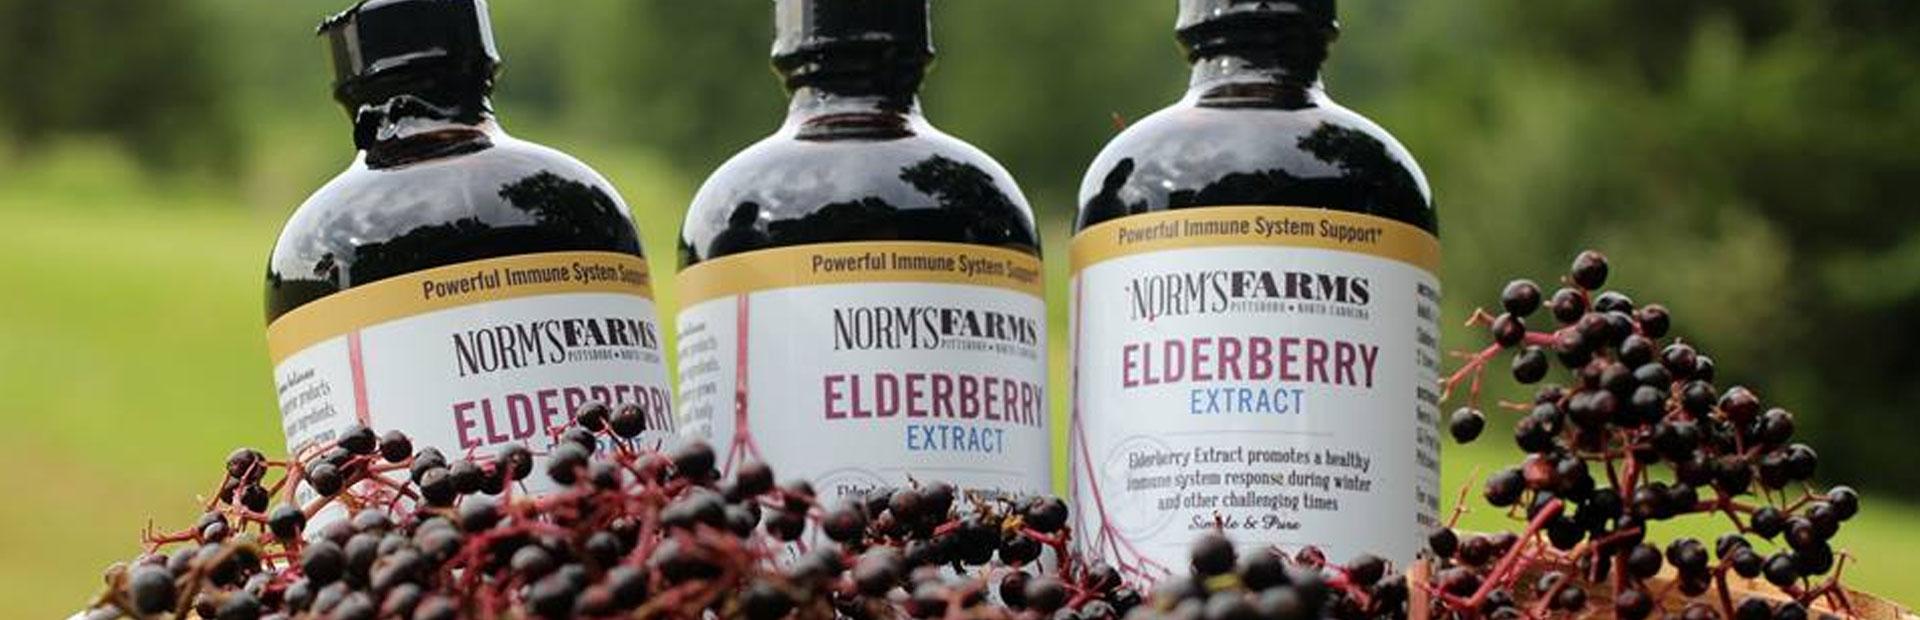 elderberry_slider.jpg